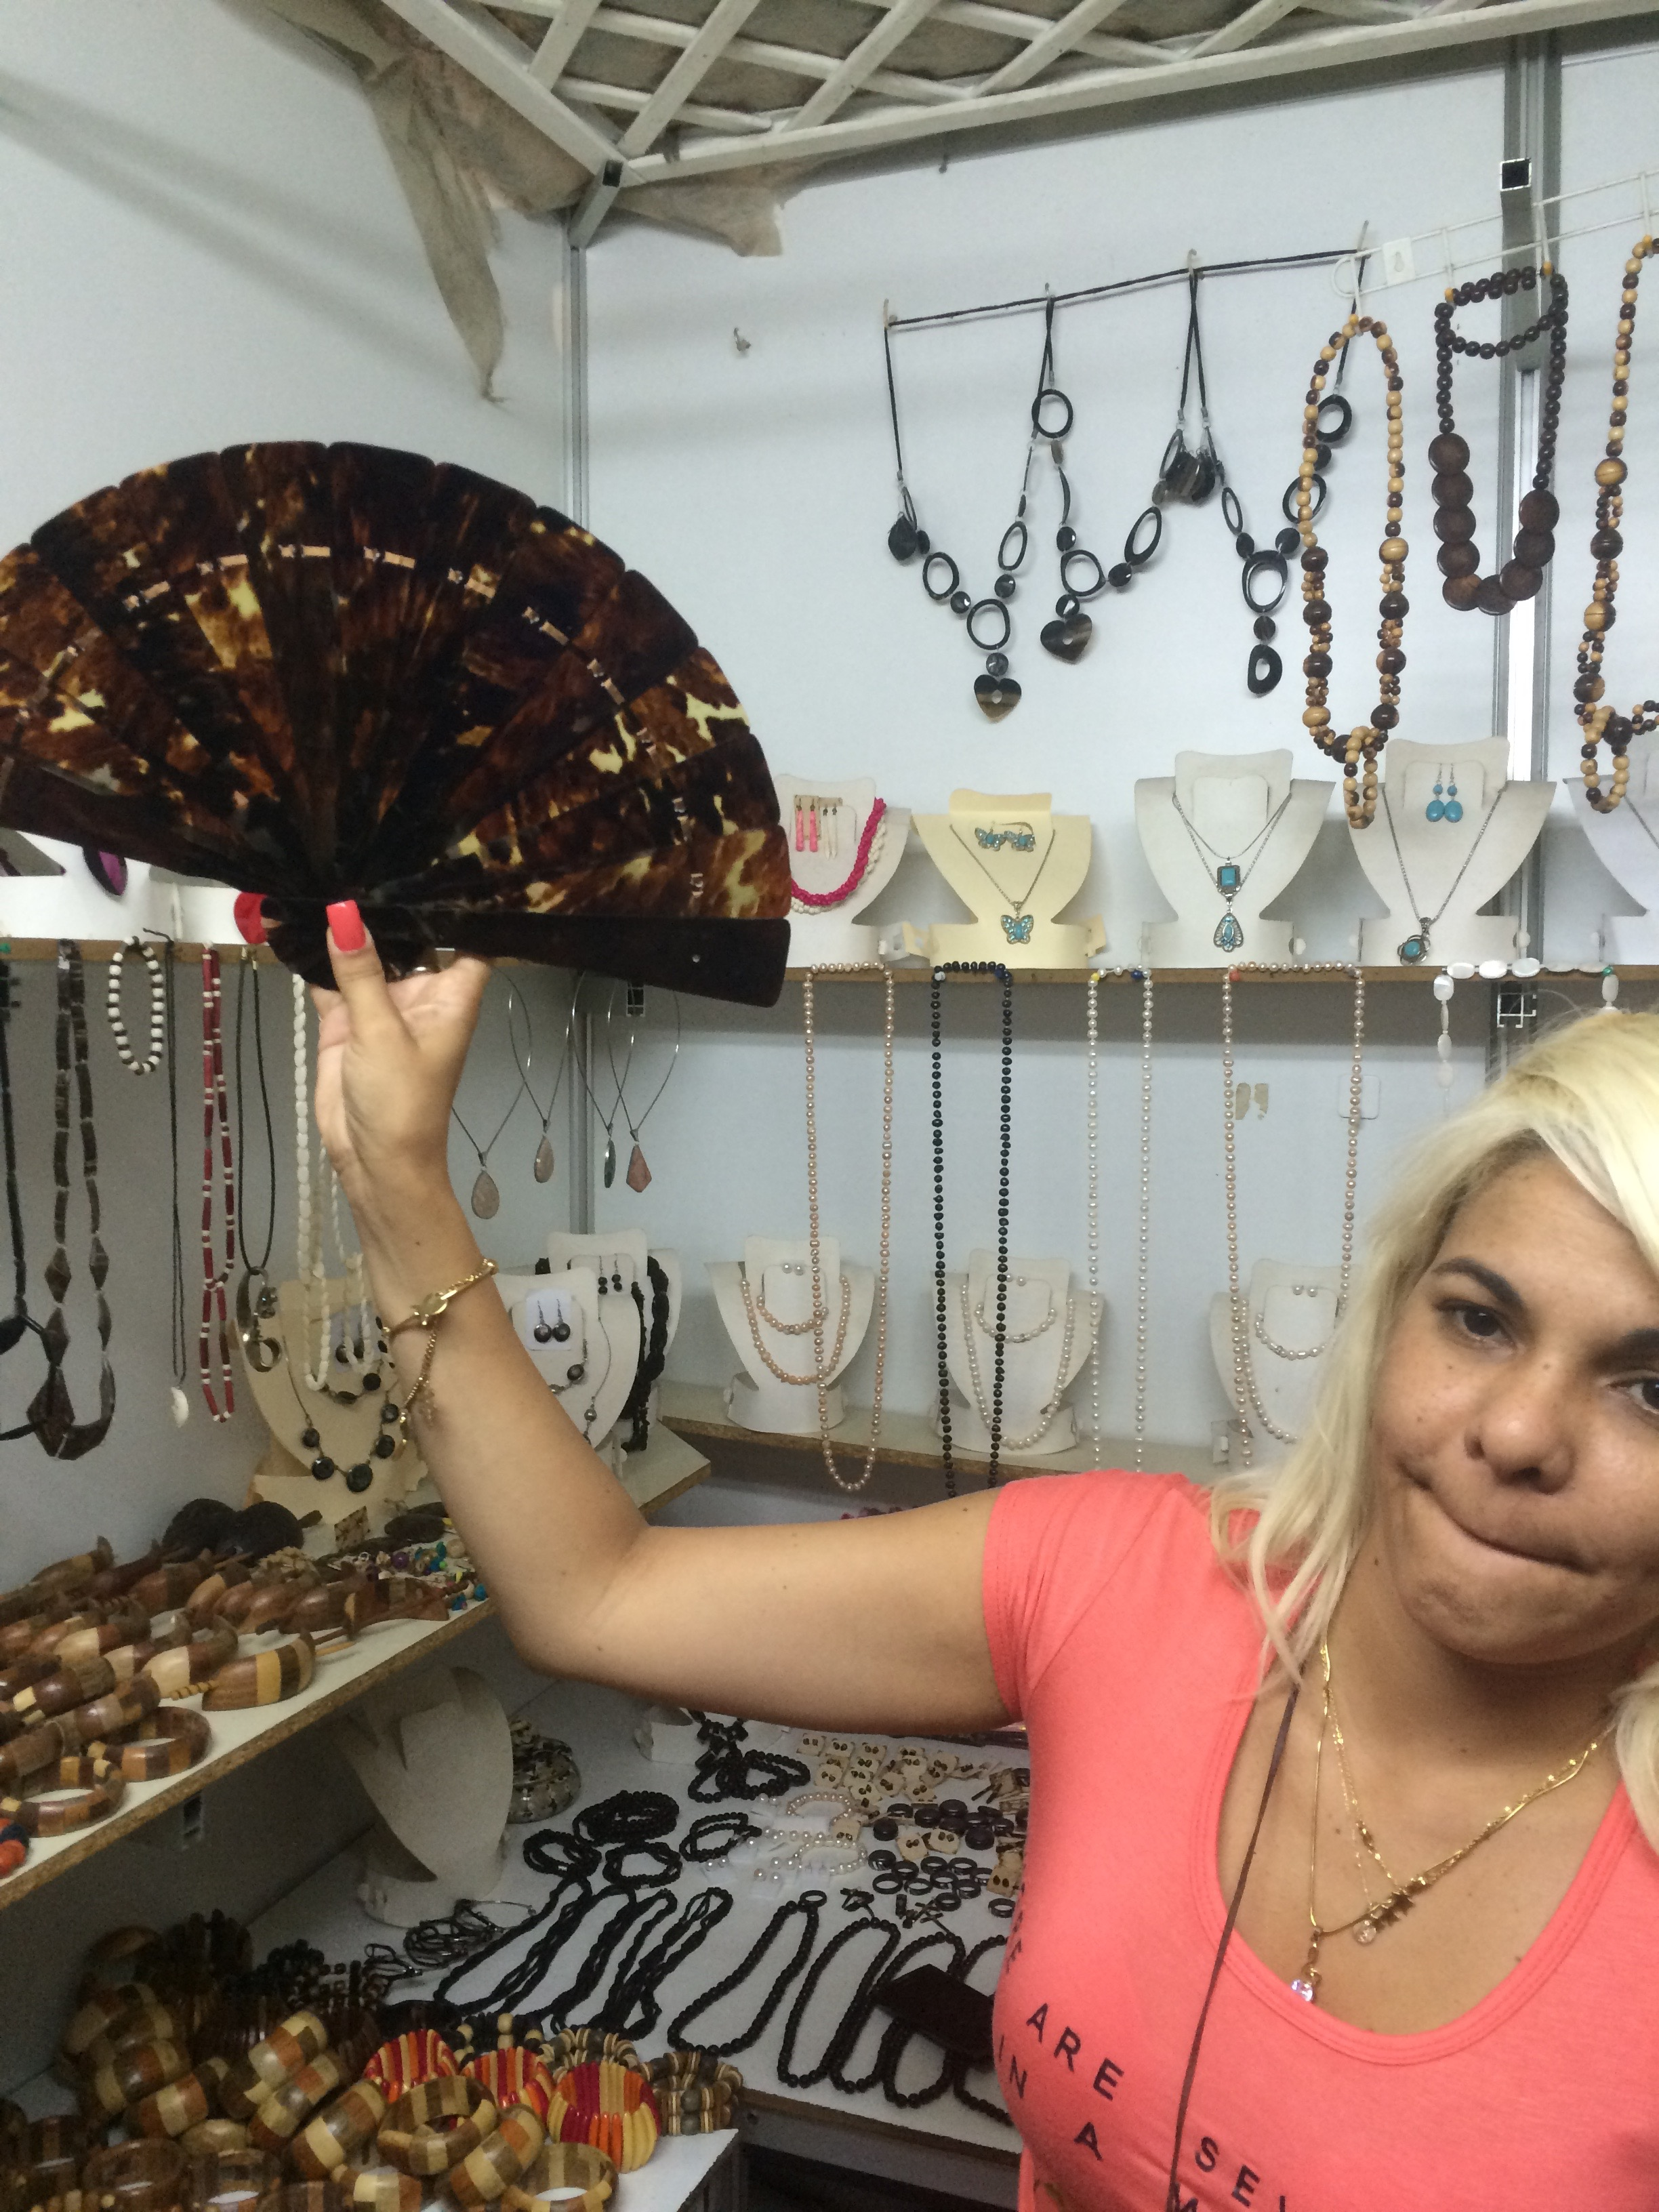 Fan made from hawksbill turtle shell for sale in Havana